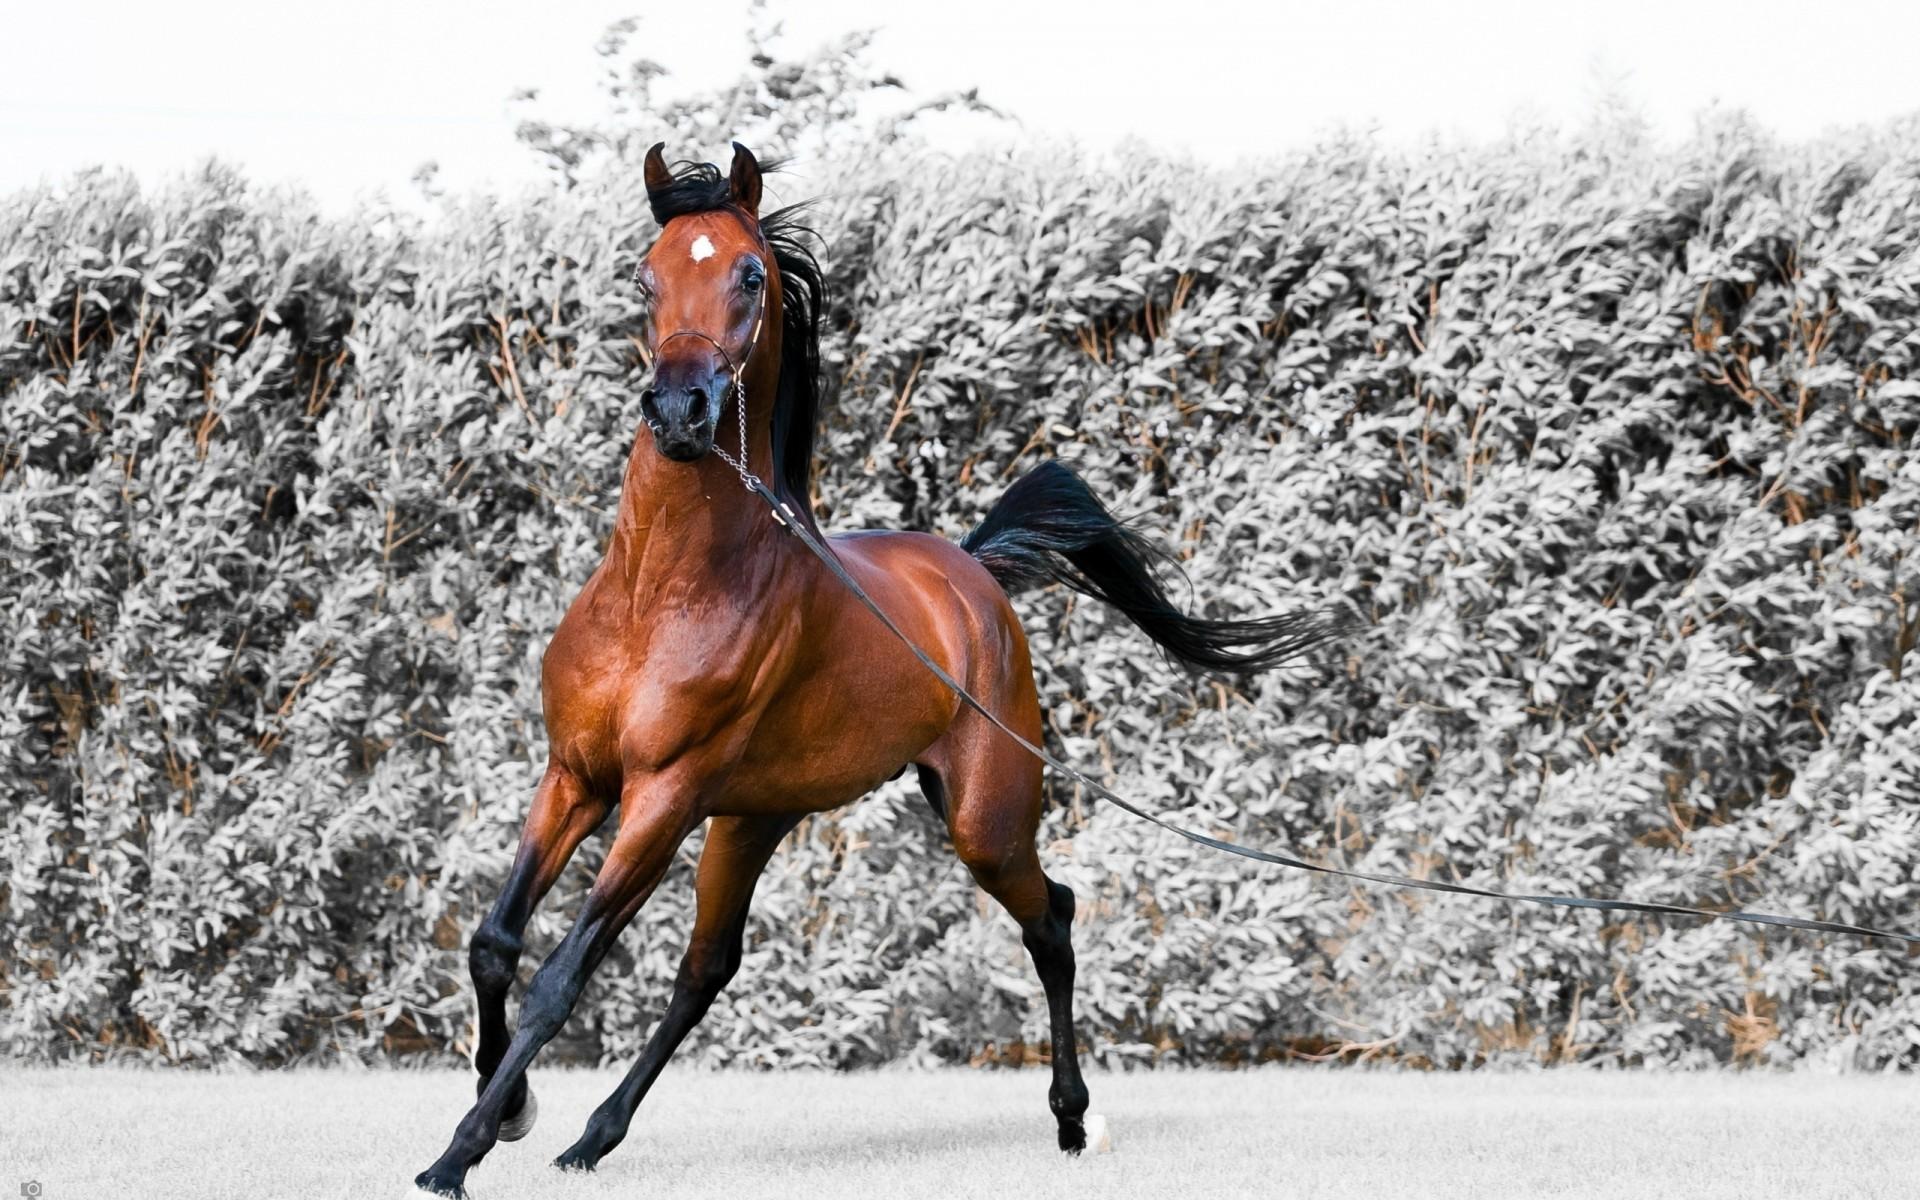 большая ошибка, картинка уходящей лошади номер повышенной